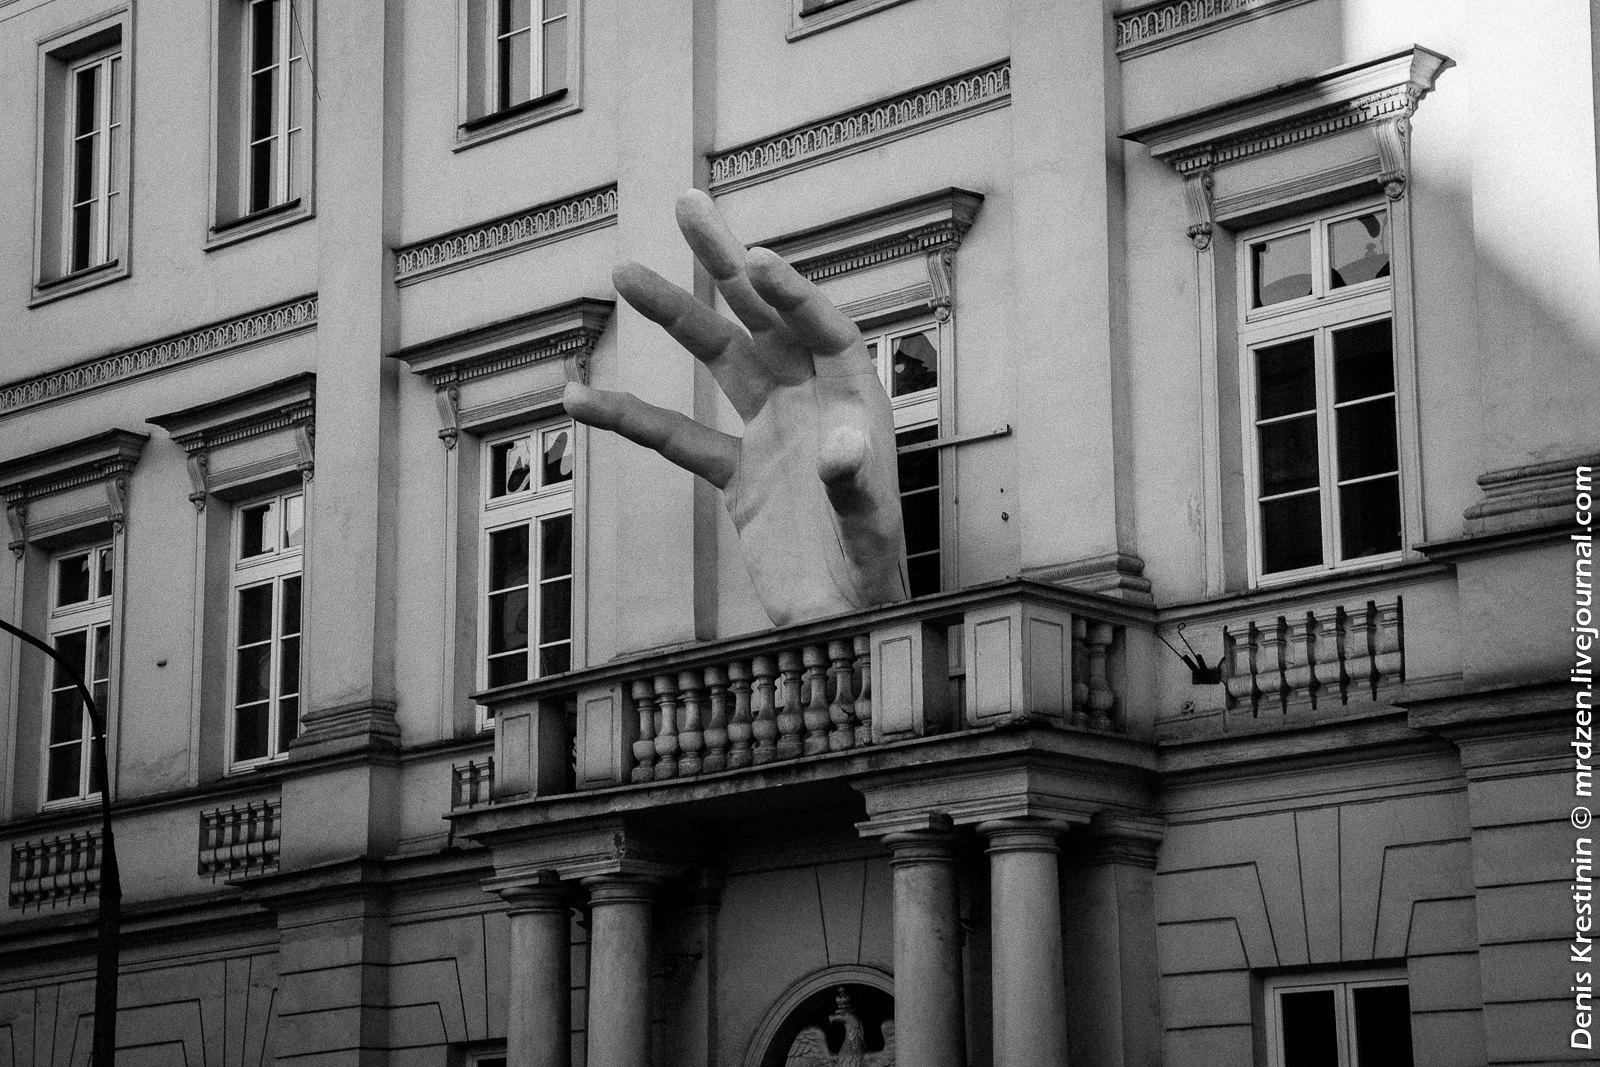 Варшава. Collegium Nobilium. Театральная академия имени Александра Зельверовича.